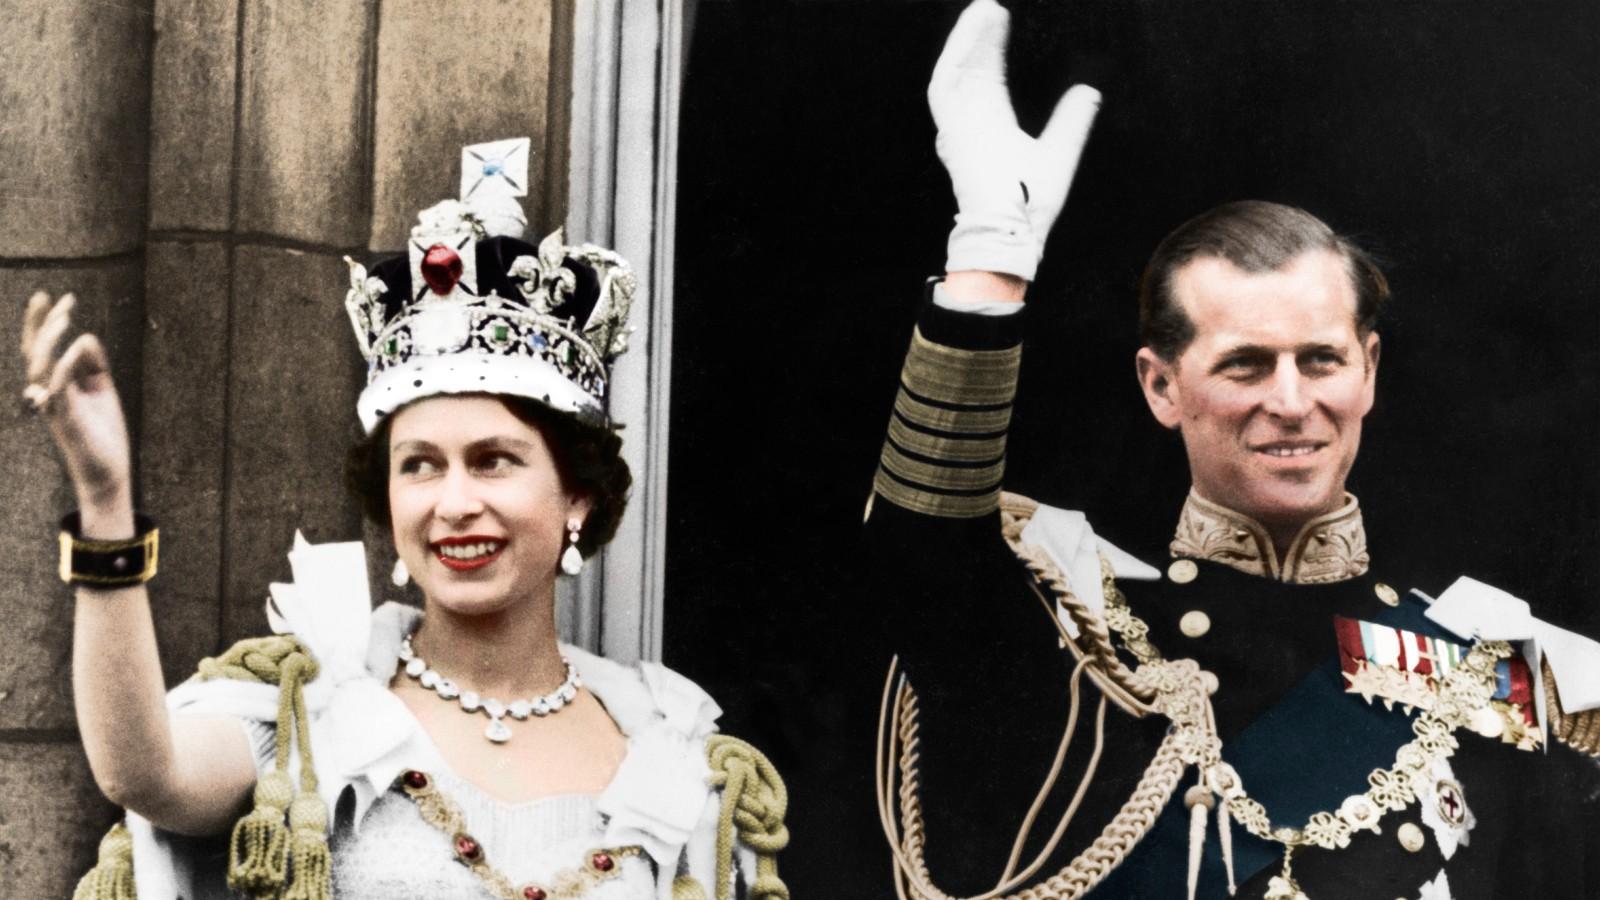 Jour férié pour le jubilé de la Reine, couronnement de la Reine et du Prince Philip.